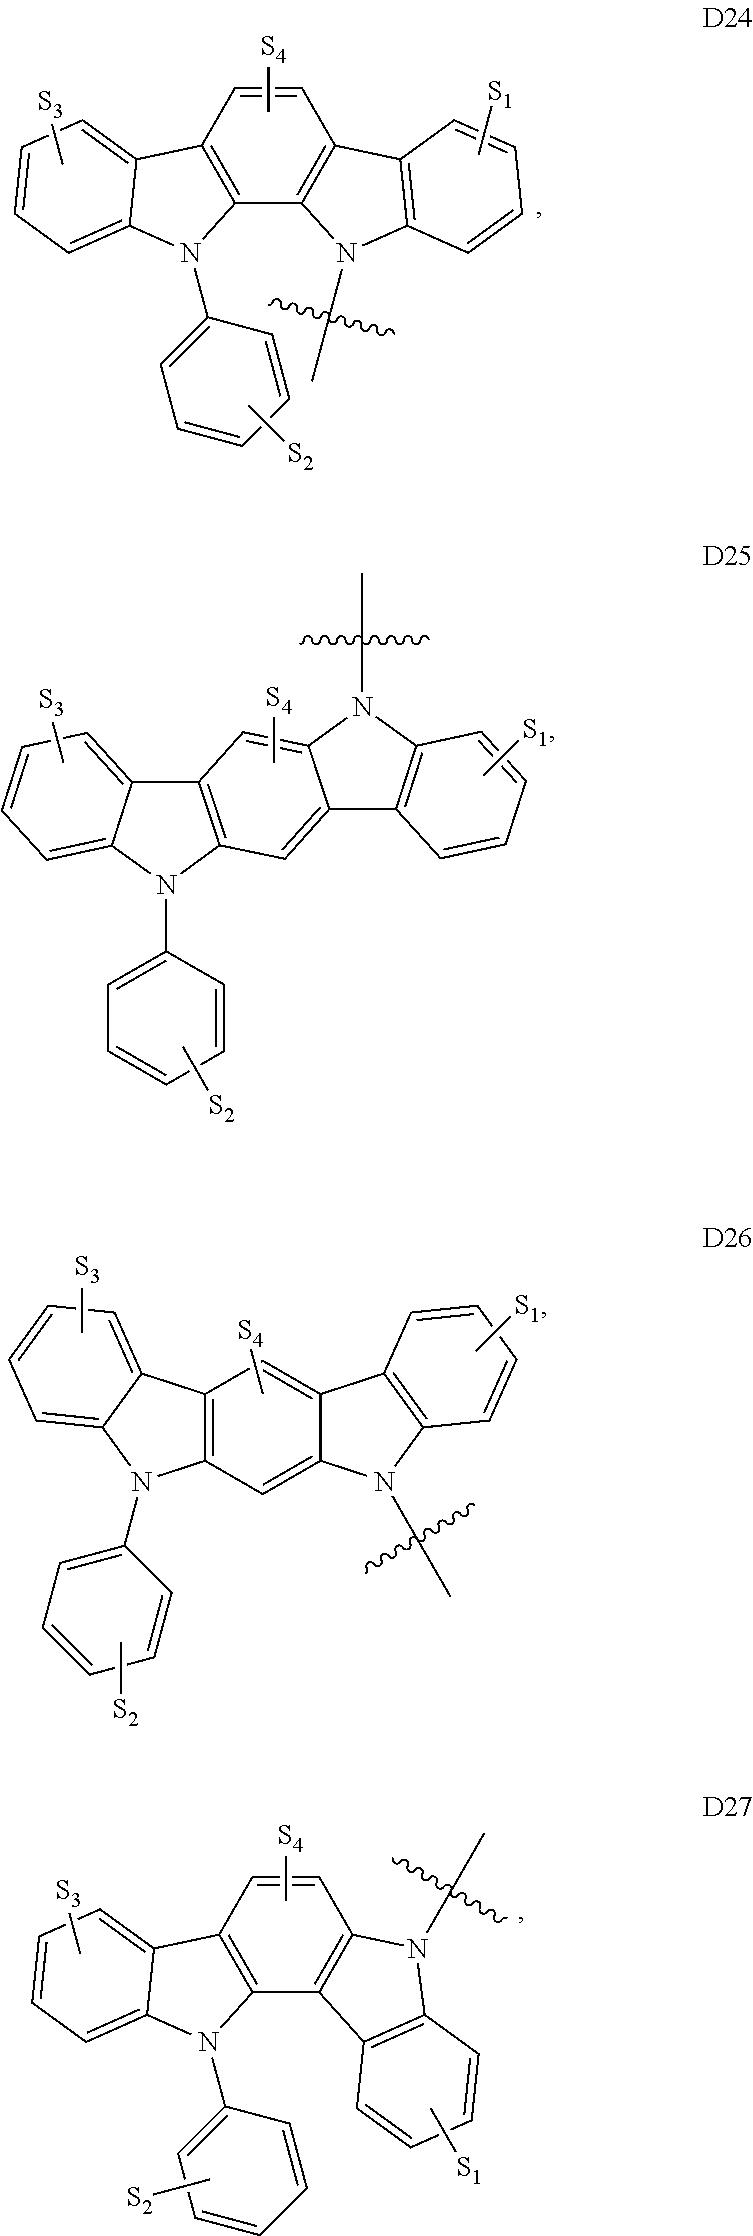 Figure US09537106-20170103-C00017